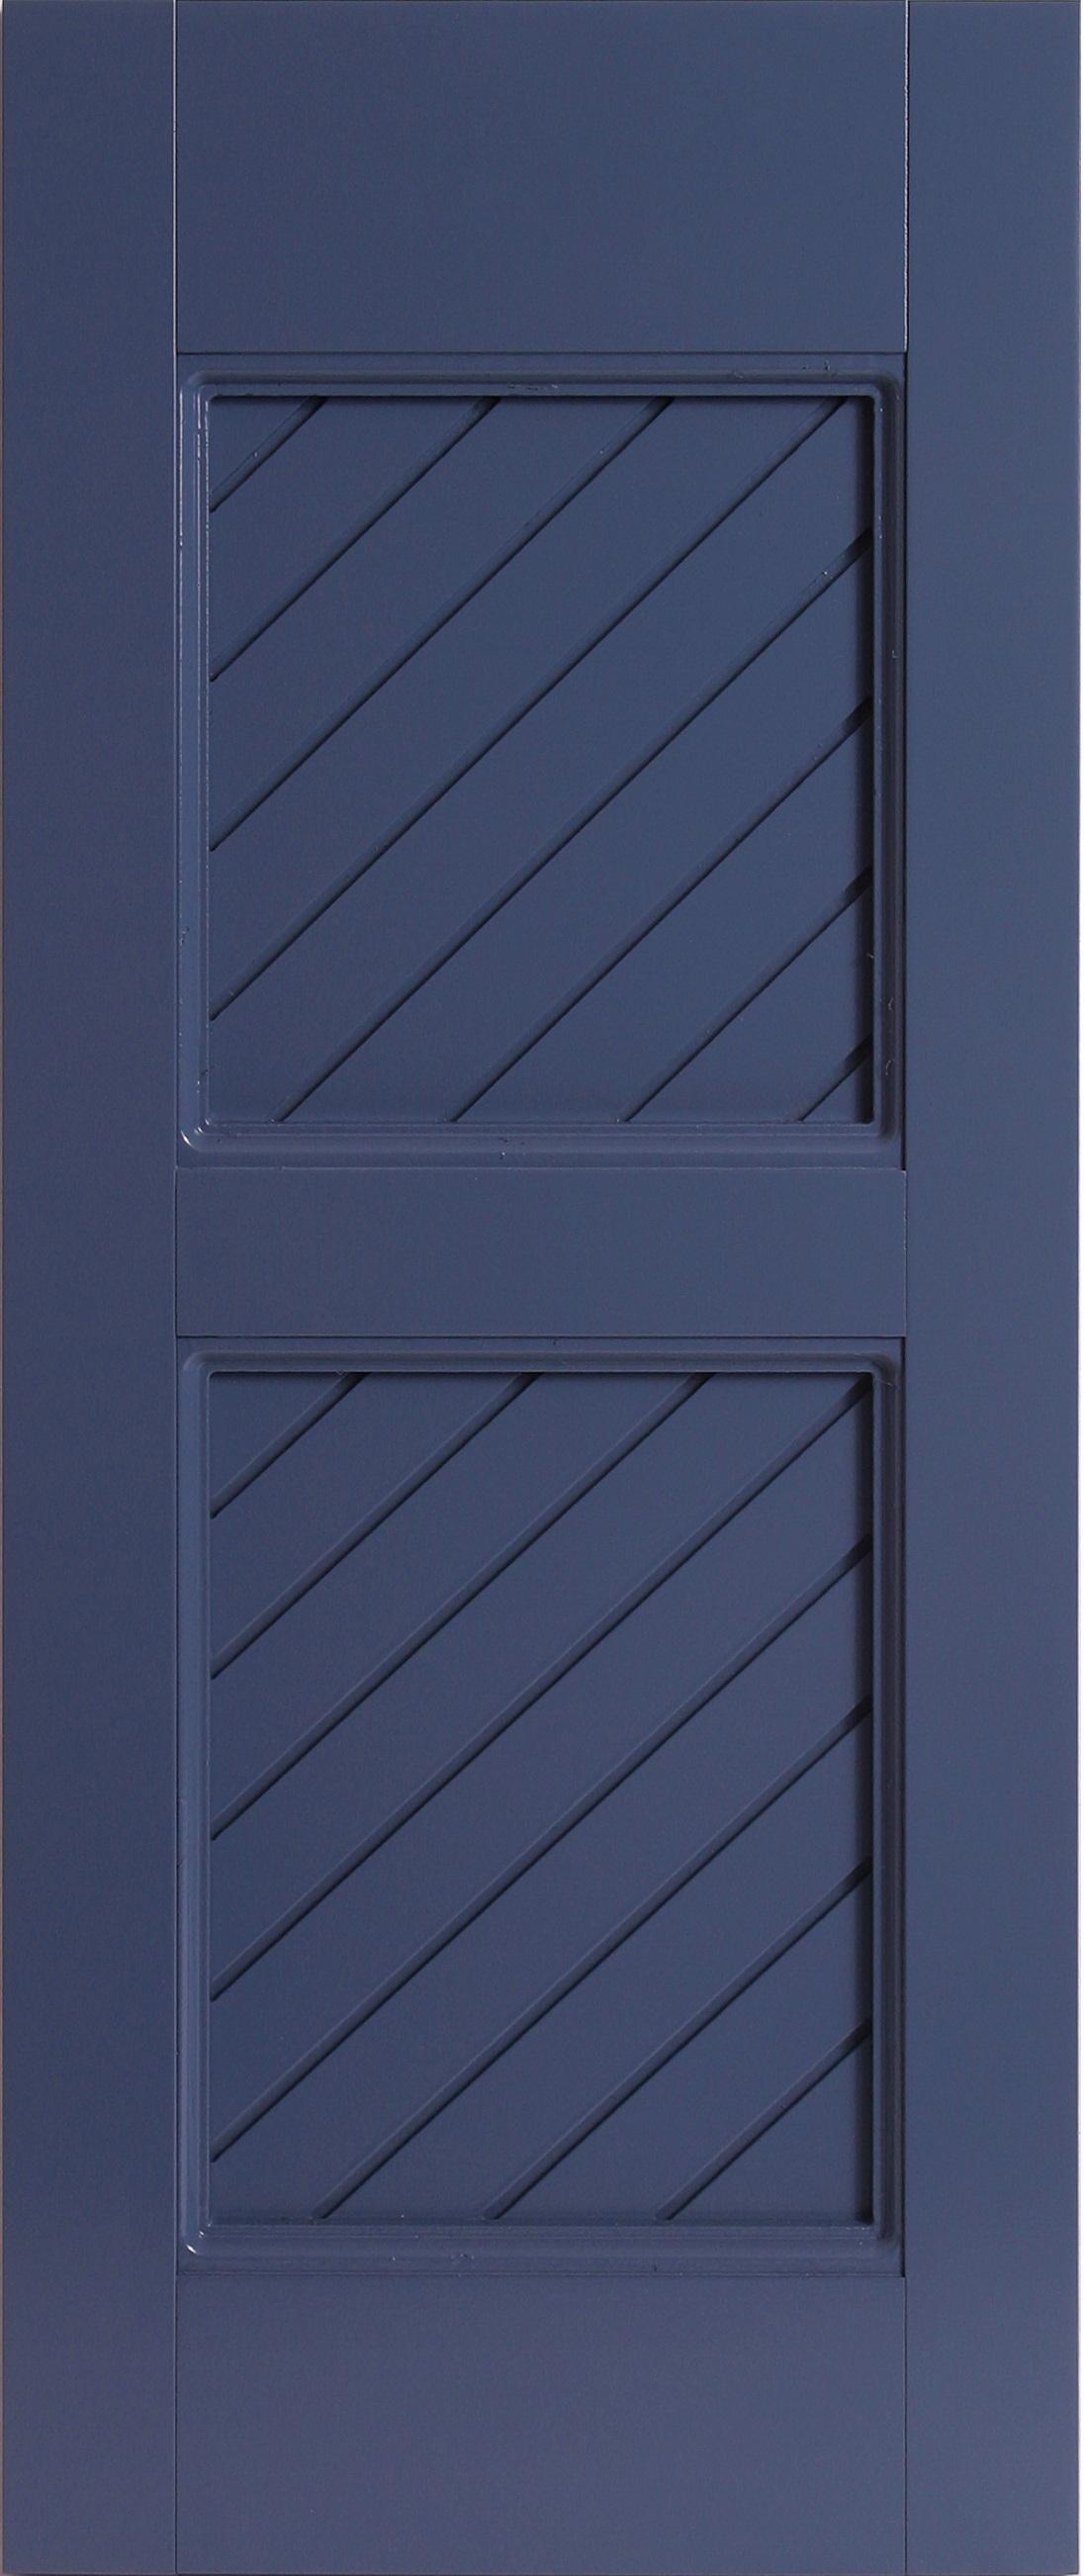 PVC Composite Shutters - Diagonal Groove